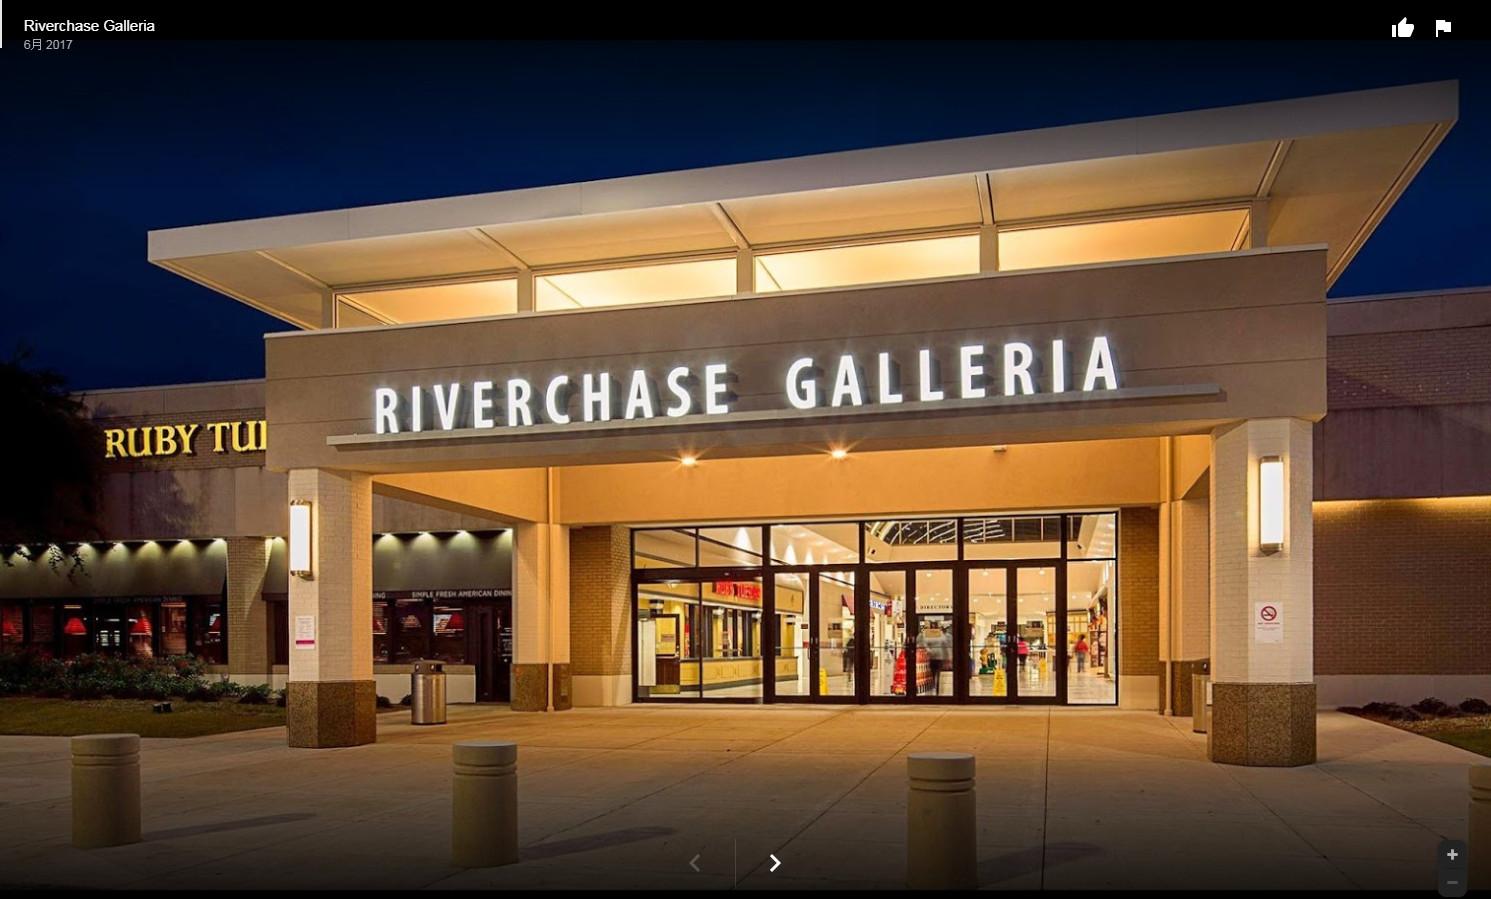 ▲▼美國阿拉巴馬州購物中心發生槍擊案,8歲童喪生。(圖/翻攝自Google地圖)